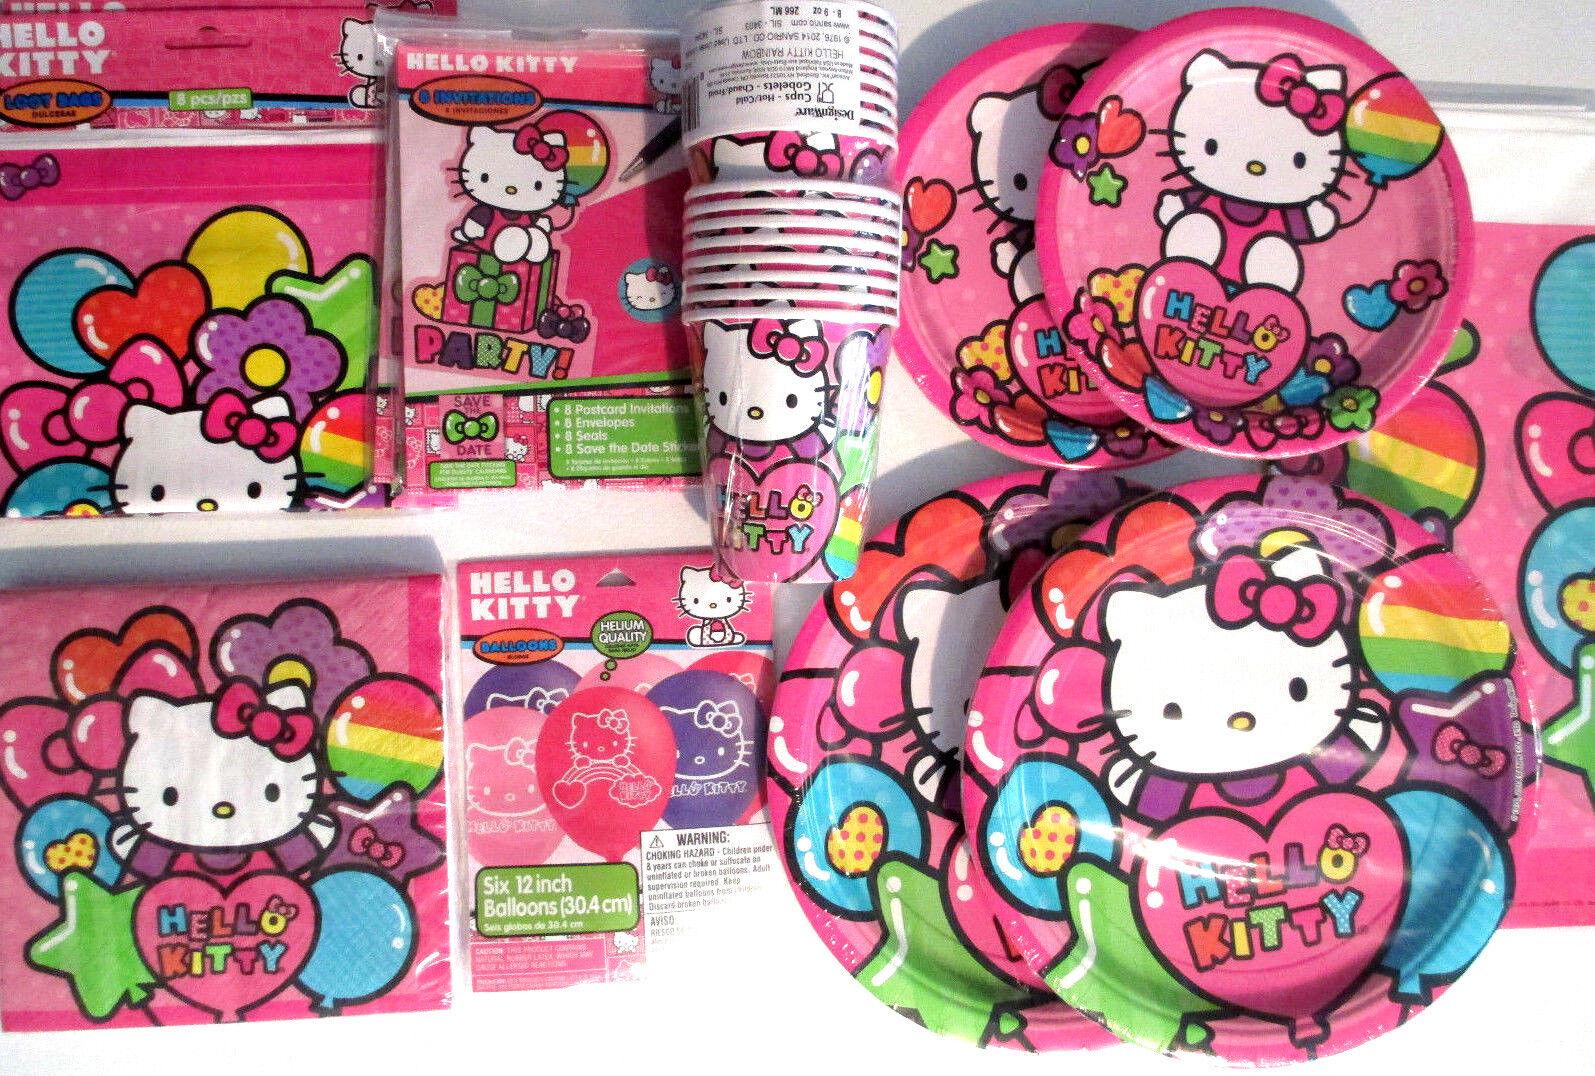 Hello Kitty Regenbogen Geburtstagsparty Stromversorgung Super Satz M  | Mama kaufte ein bequemes, Baby ist glücklich  | Niedriger Preis